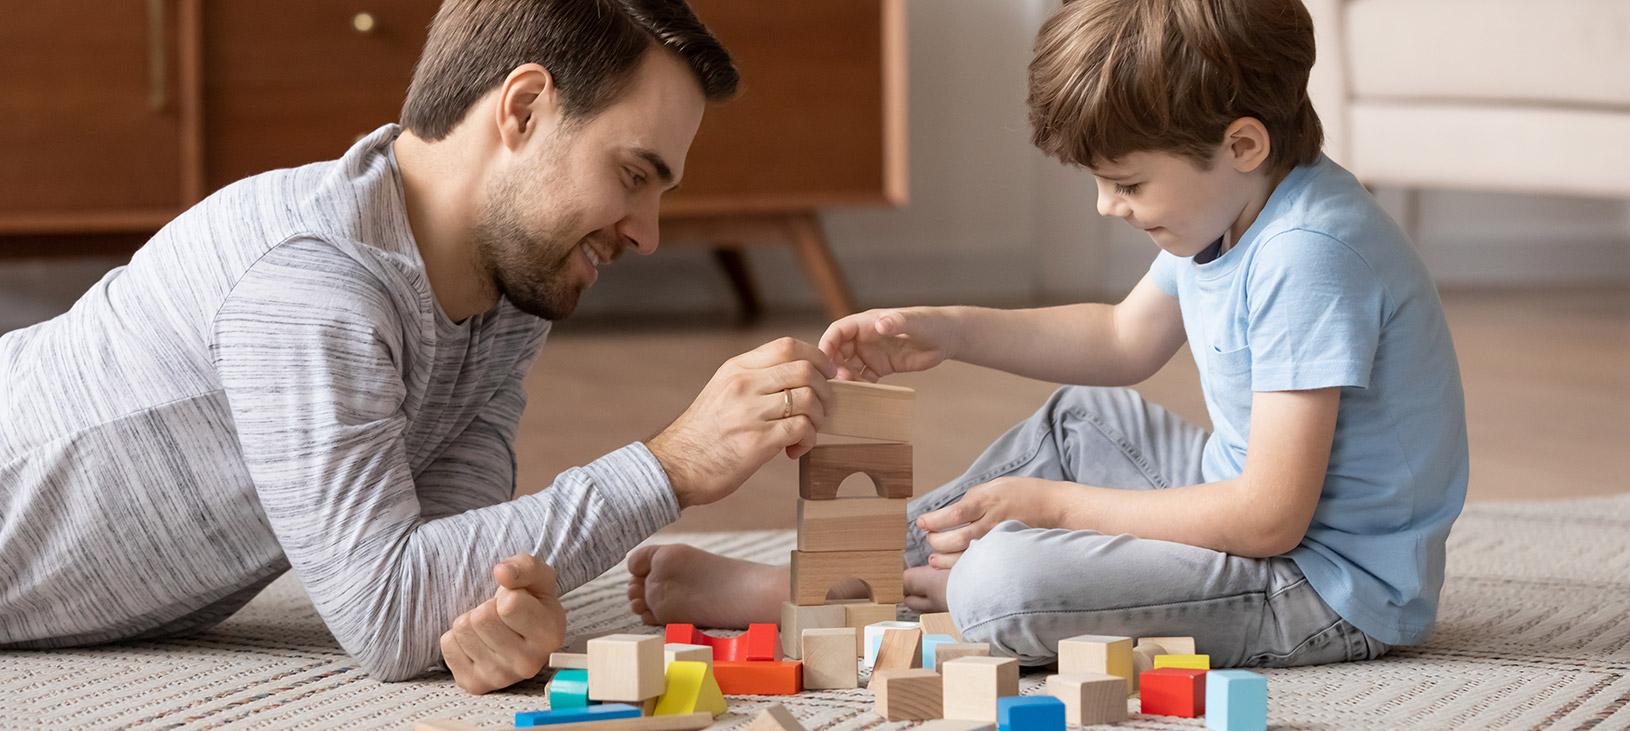 זמן רצפה - משחק התפתחותי עם ילדים